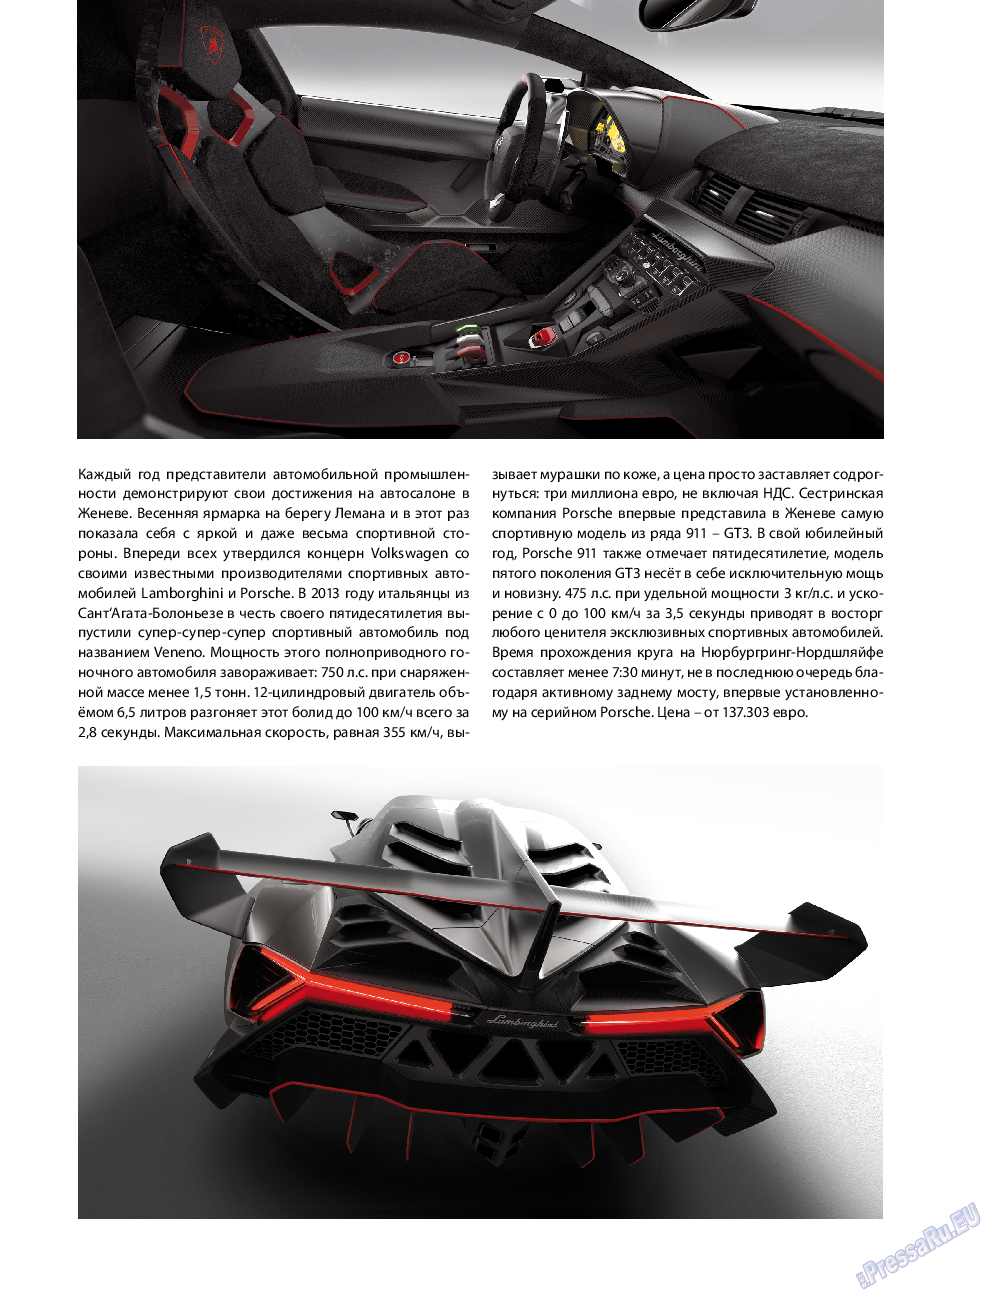 Клан (журнал). 2013 год, номер 4, стр. 10